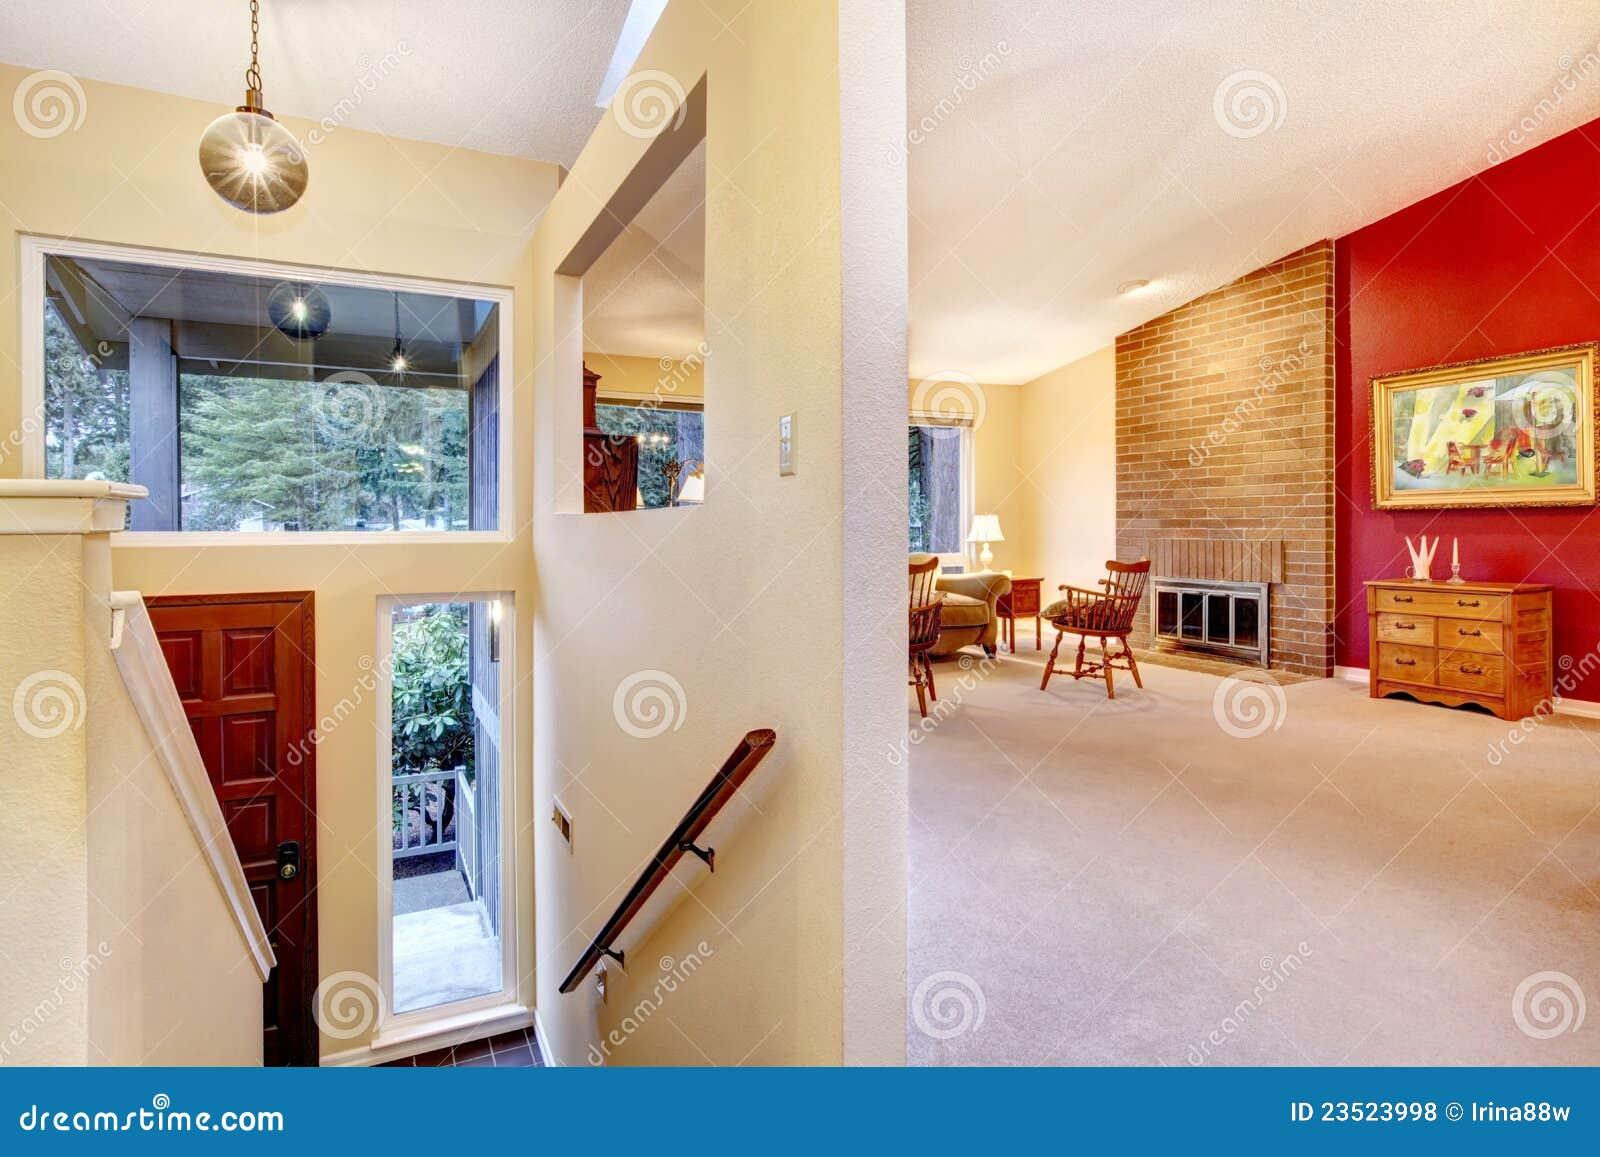 Woonkamer met rode muur en ingang royalty vrije stock foto 39 s beeld 23523998 - Ingang huis idee ...